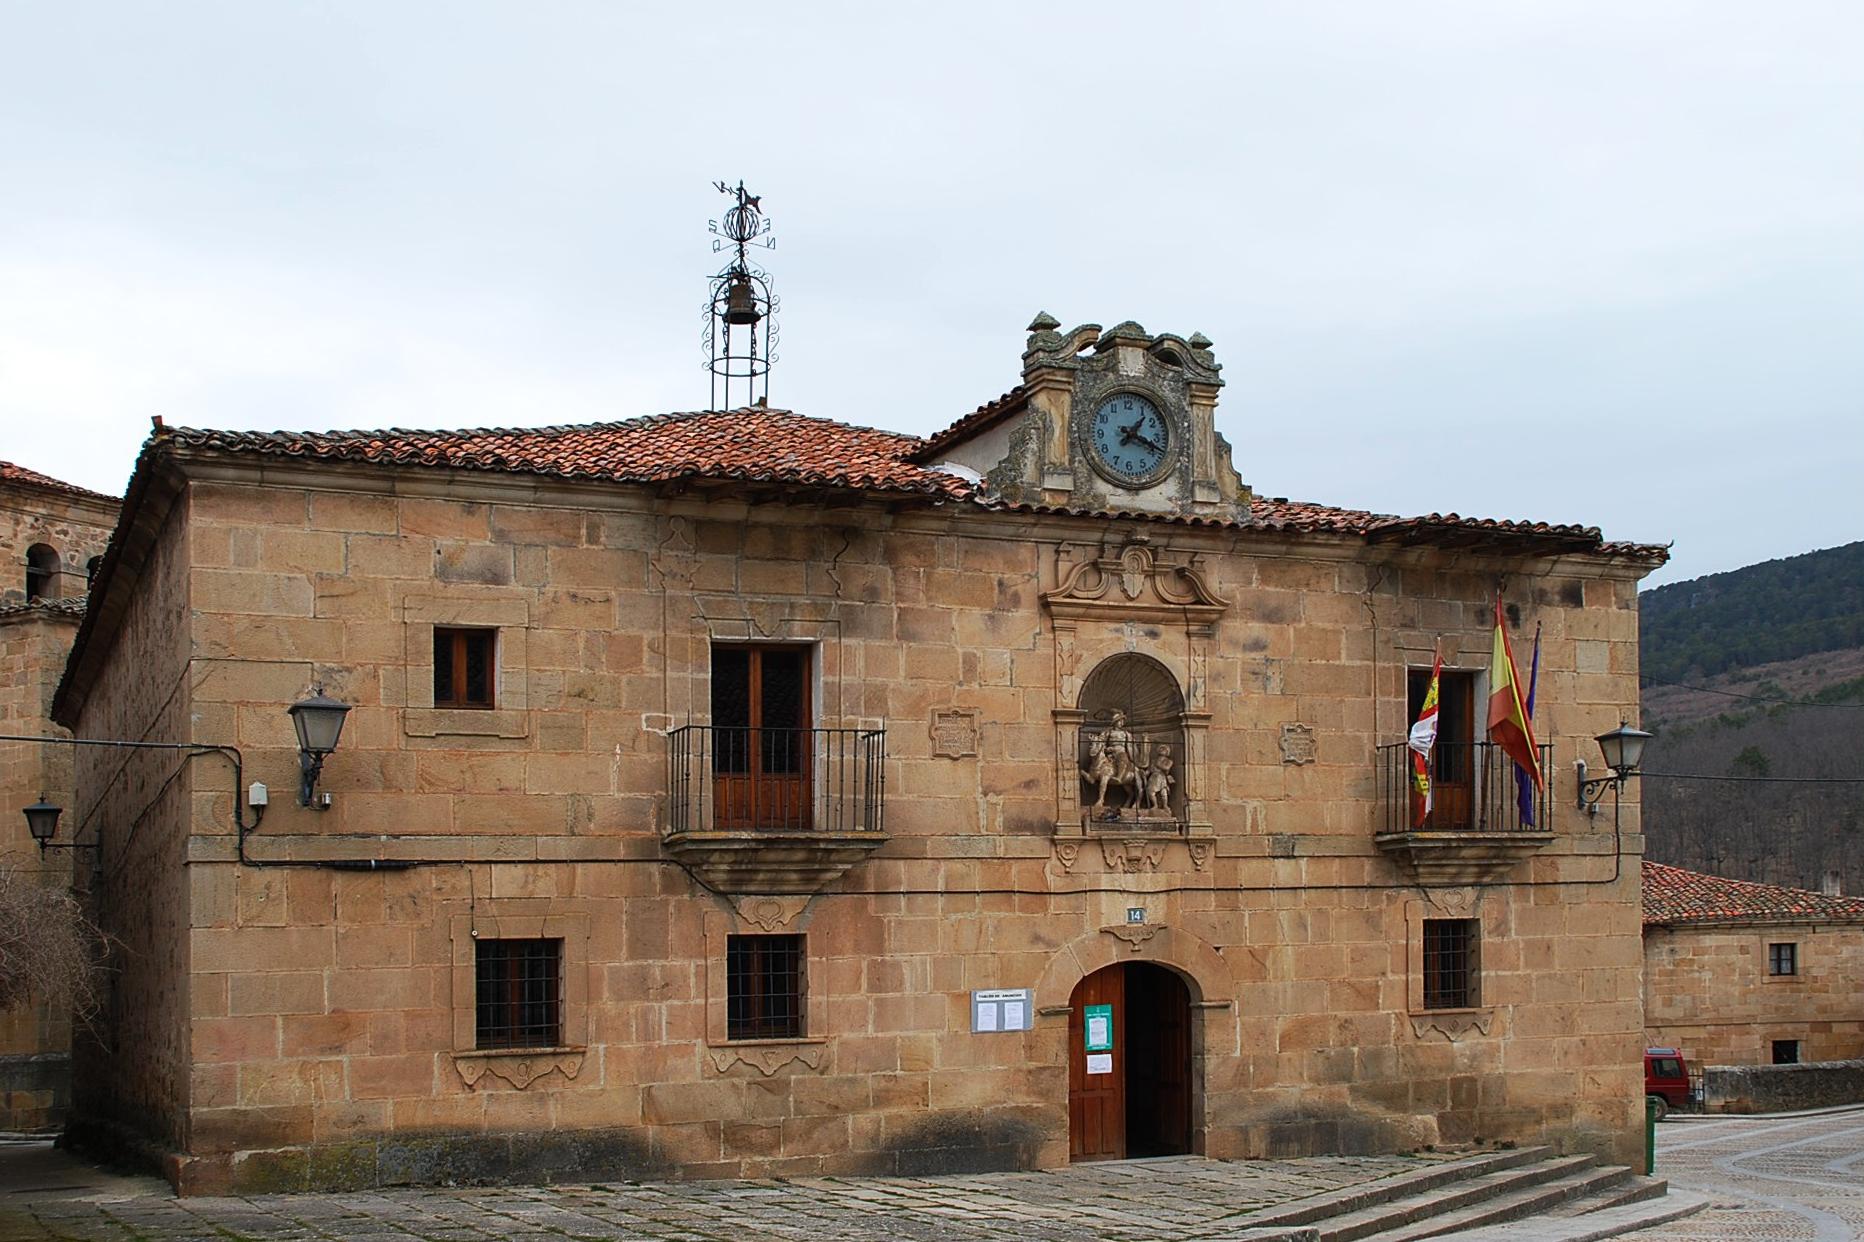 Depiction of Molinos de Duero